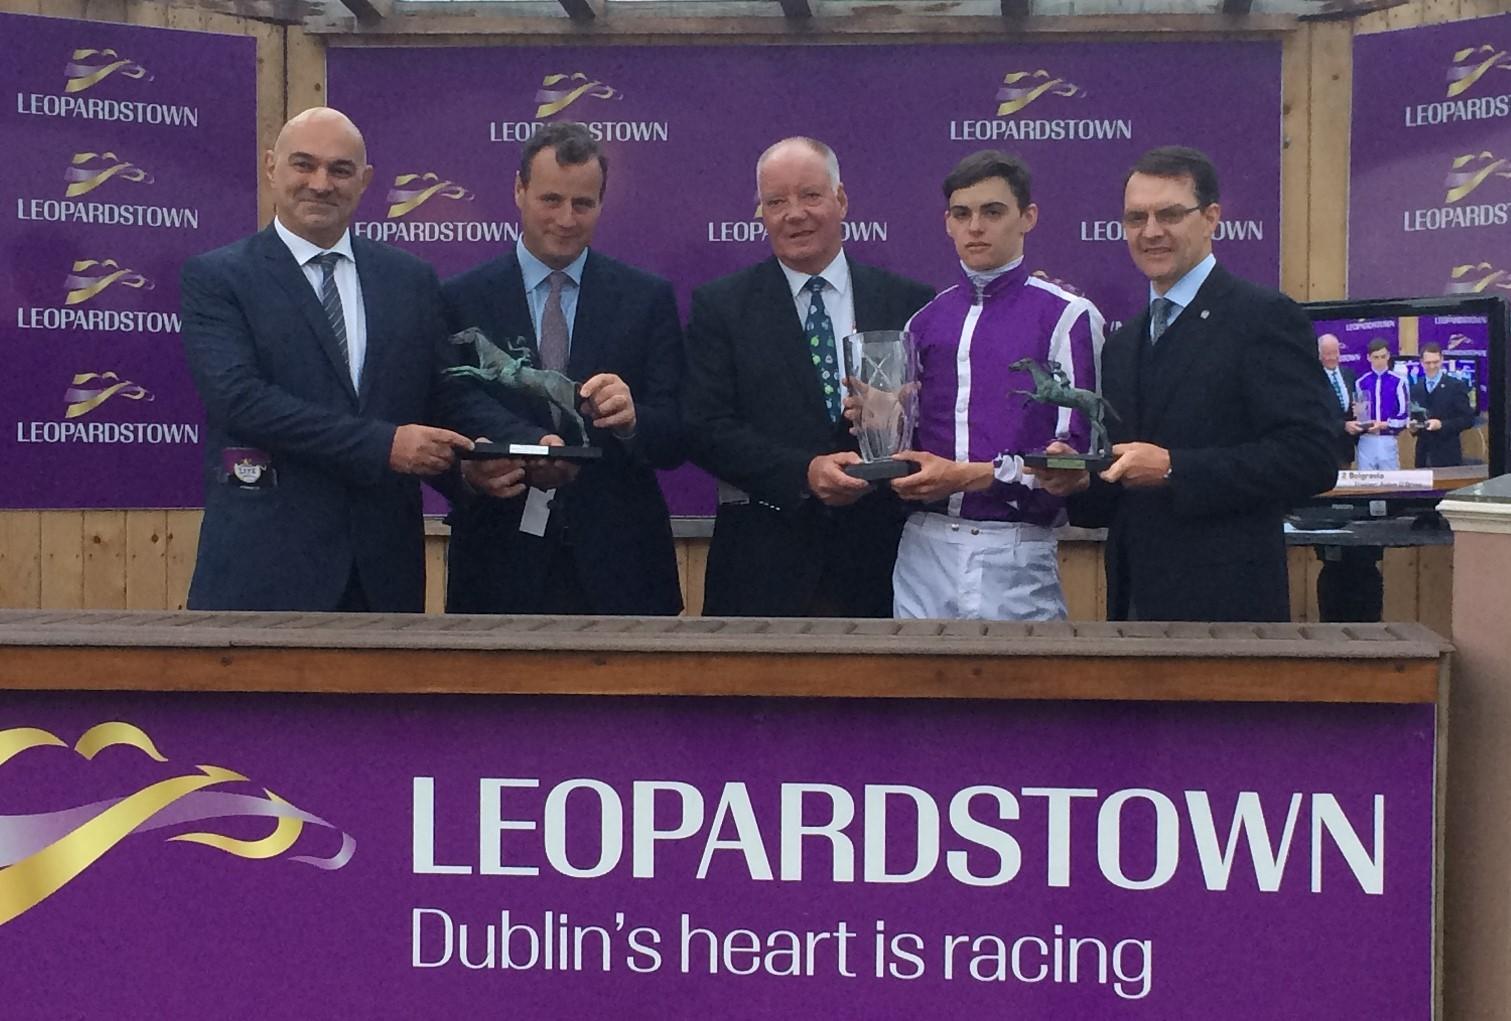 Η Ιπποδρομίες ΑΕ τιμήθηκαν στο διεθνές ιπποδρομιακό φεστιβάλ του Leopardstown στο Δουβλίνο